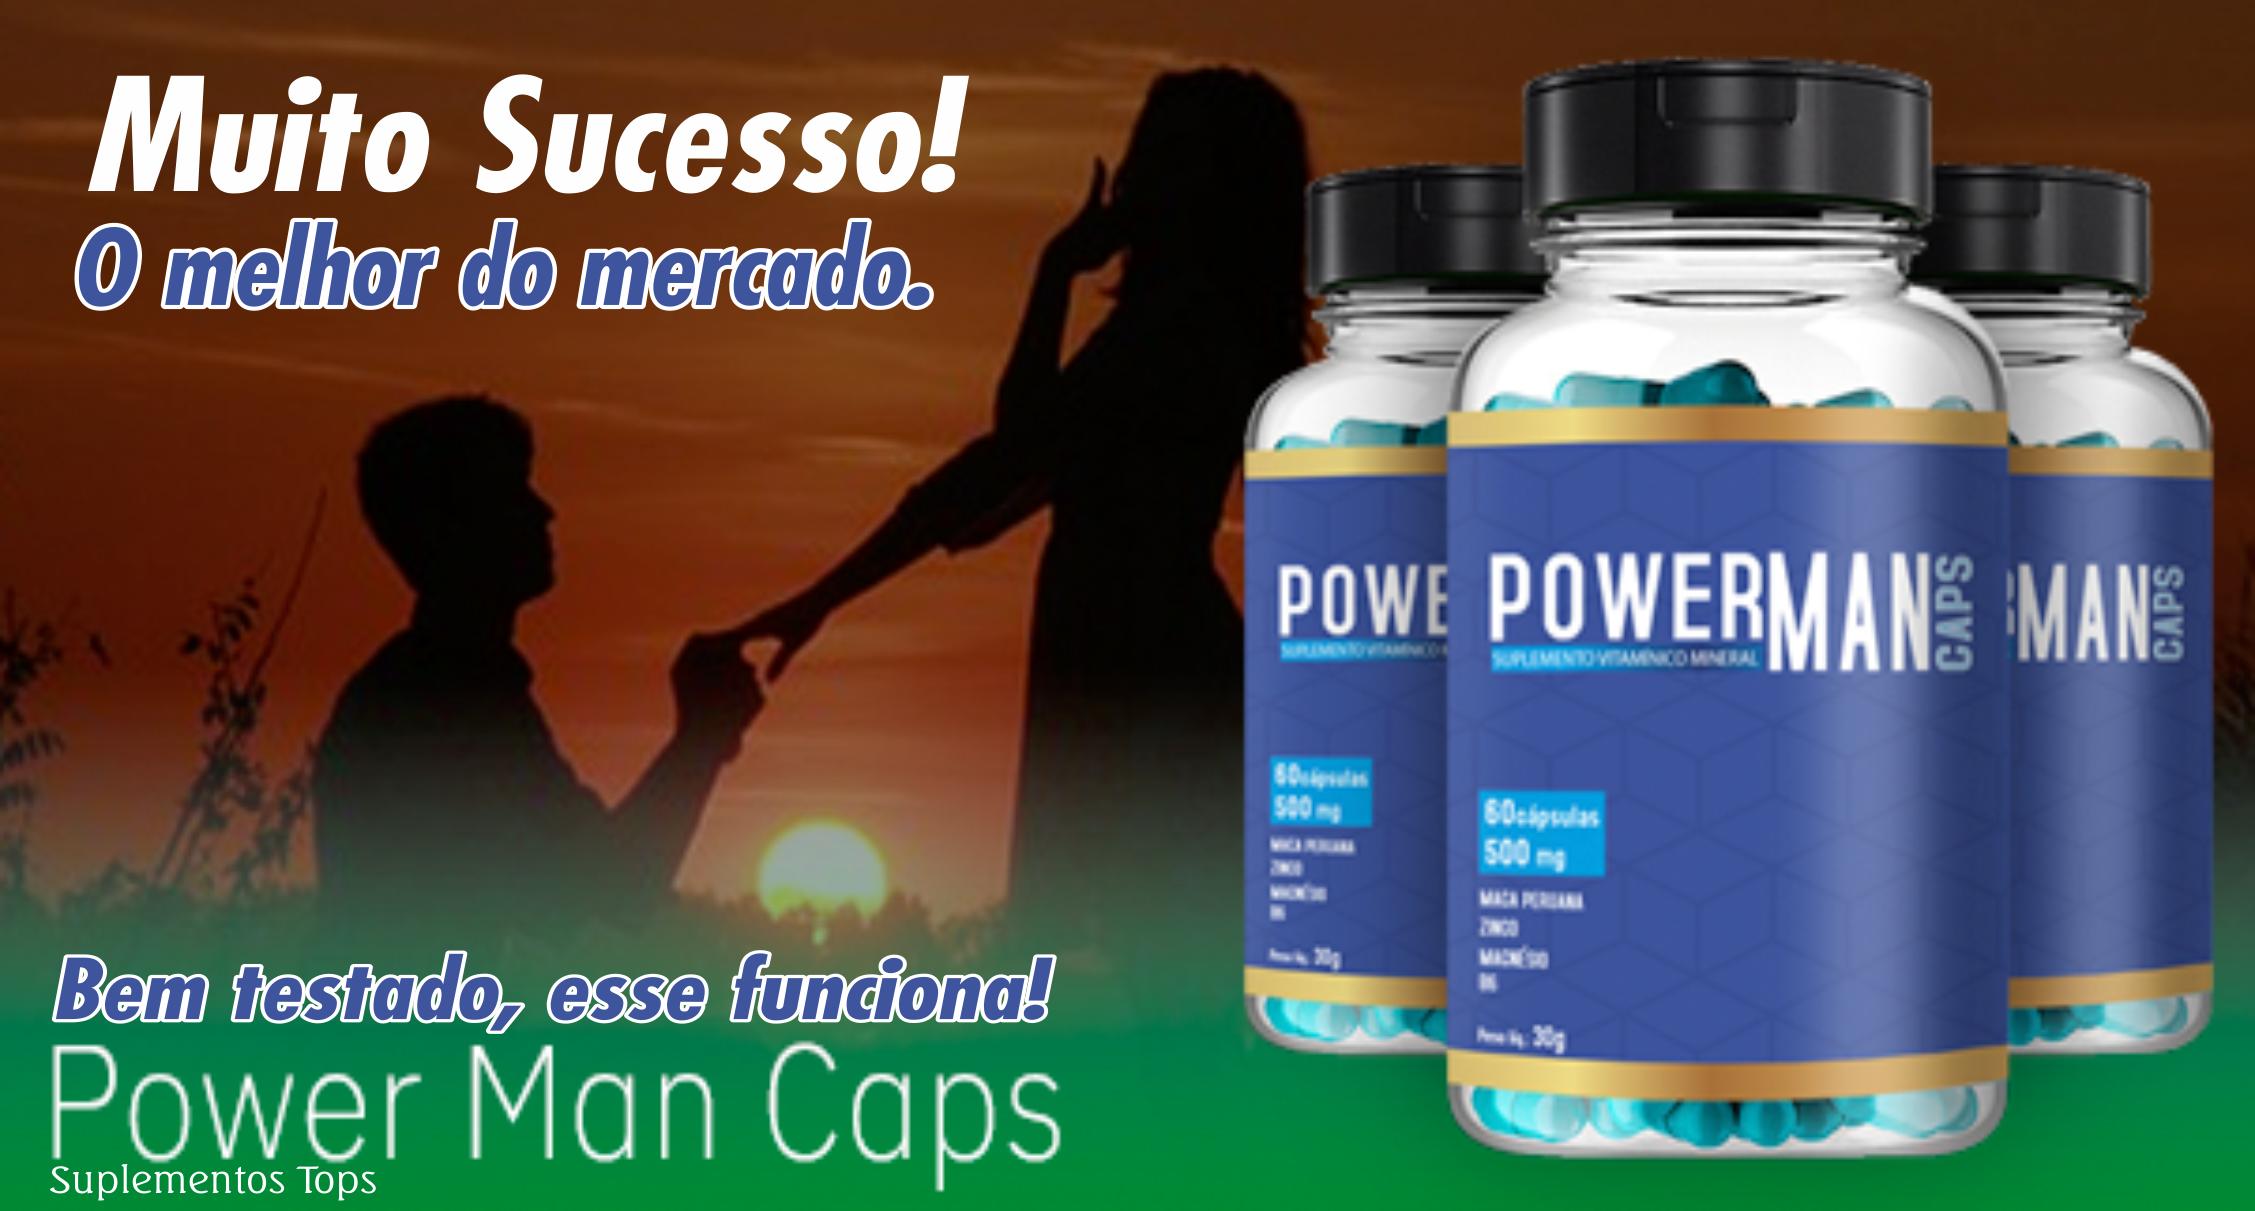 Power Man Caps funciona? (com imagens)   Man, Nivel de ...